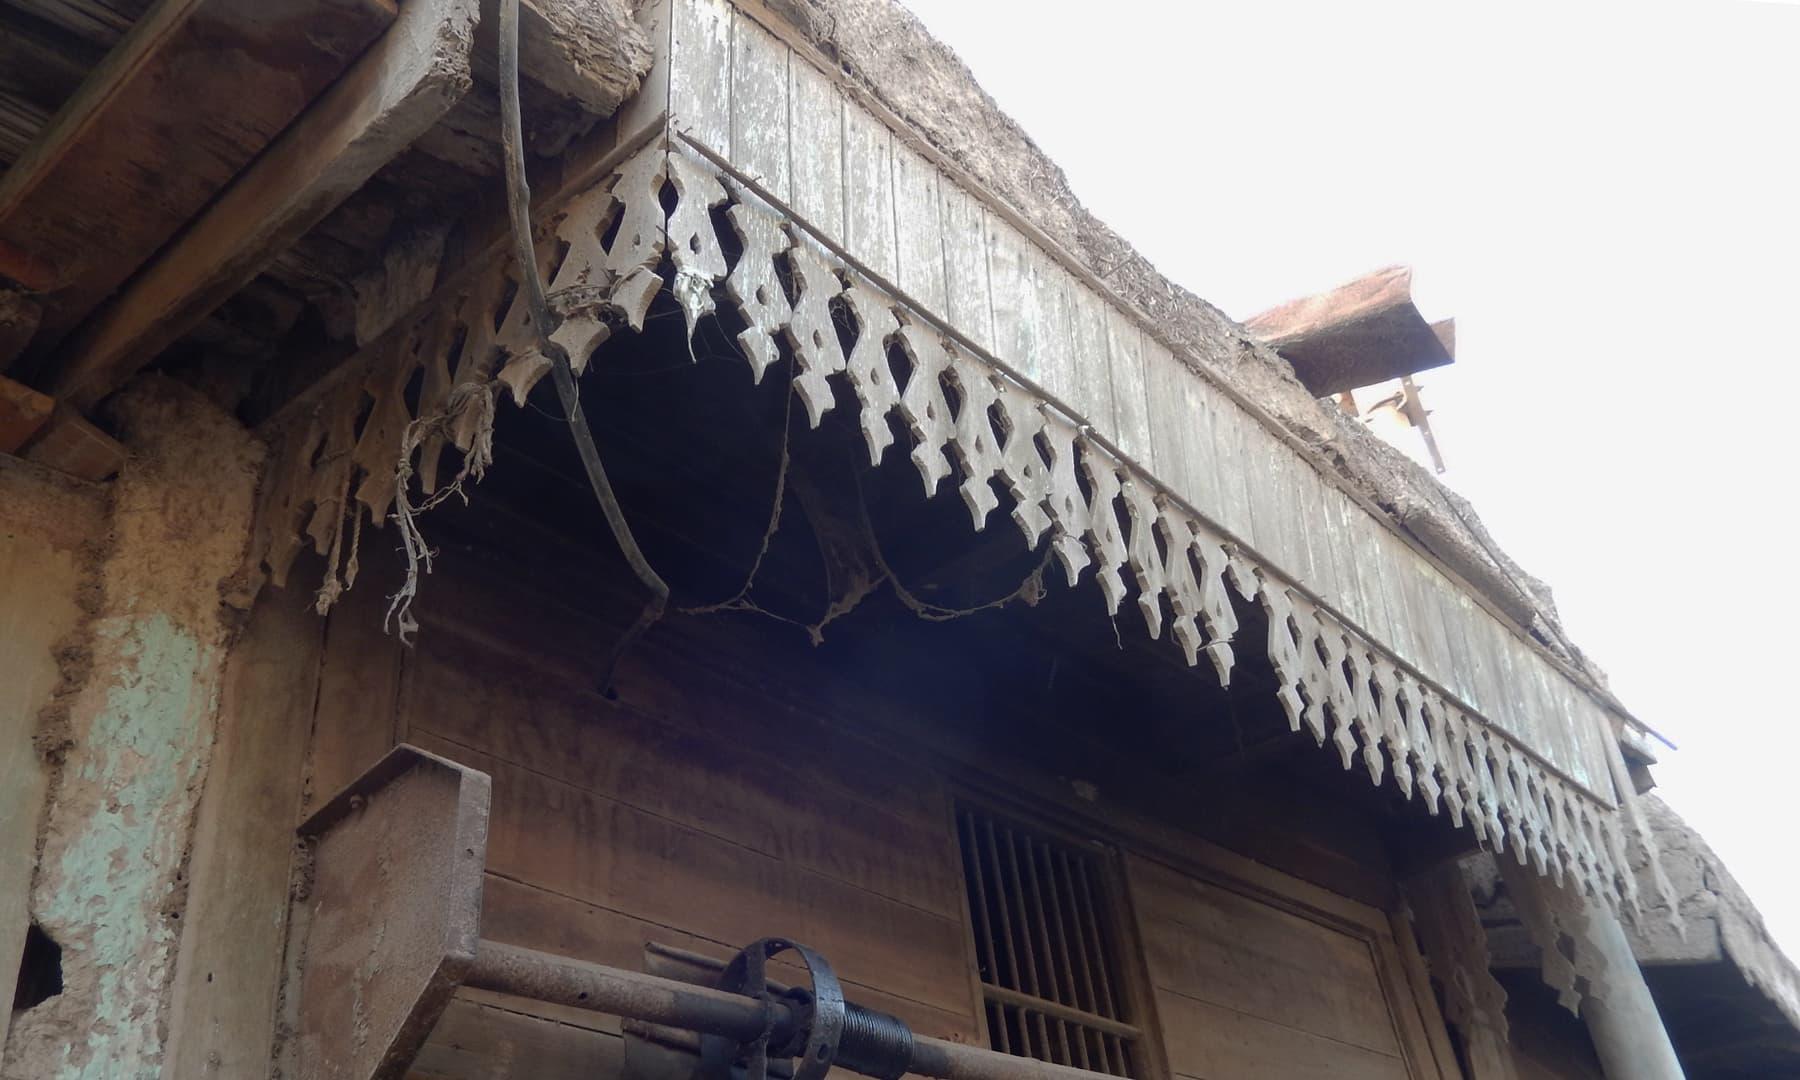 جھرک میں واقع دکانیں جن میں پرانے وقتوں کے آثار دیکھنے کو مل جاتے ہیں— تصویر ابوبکر شیخ